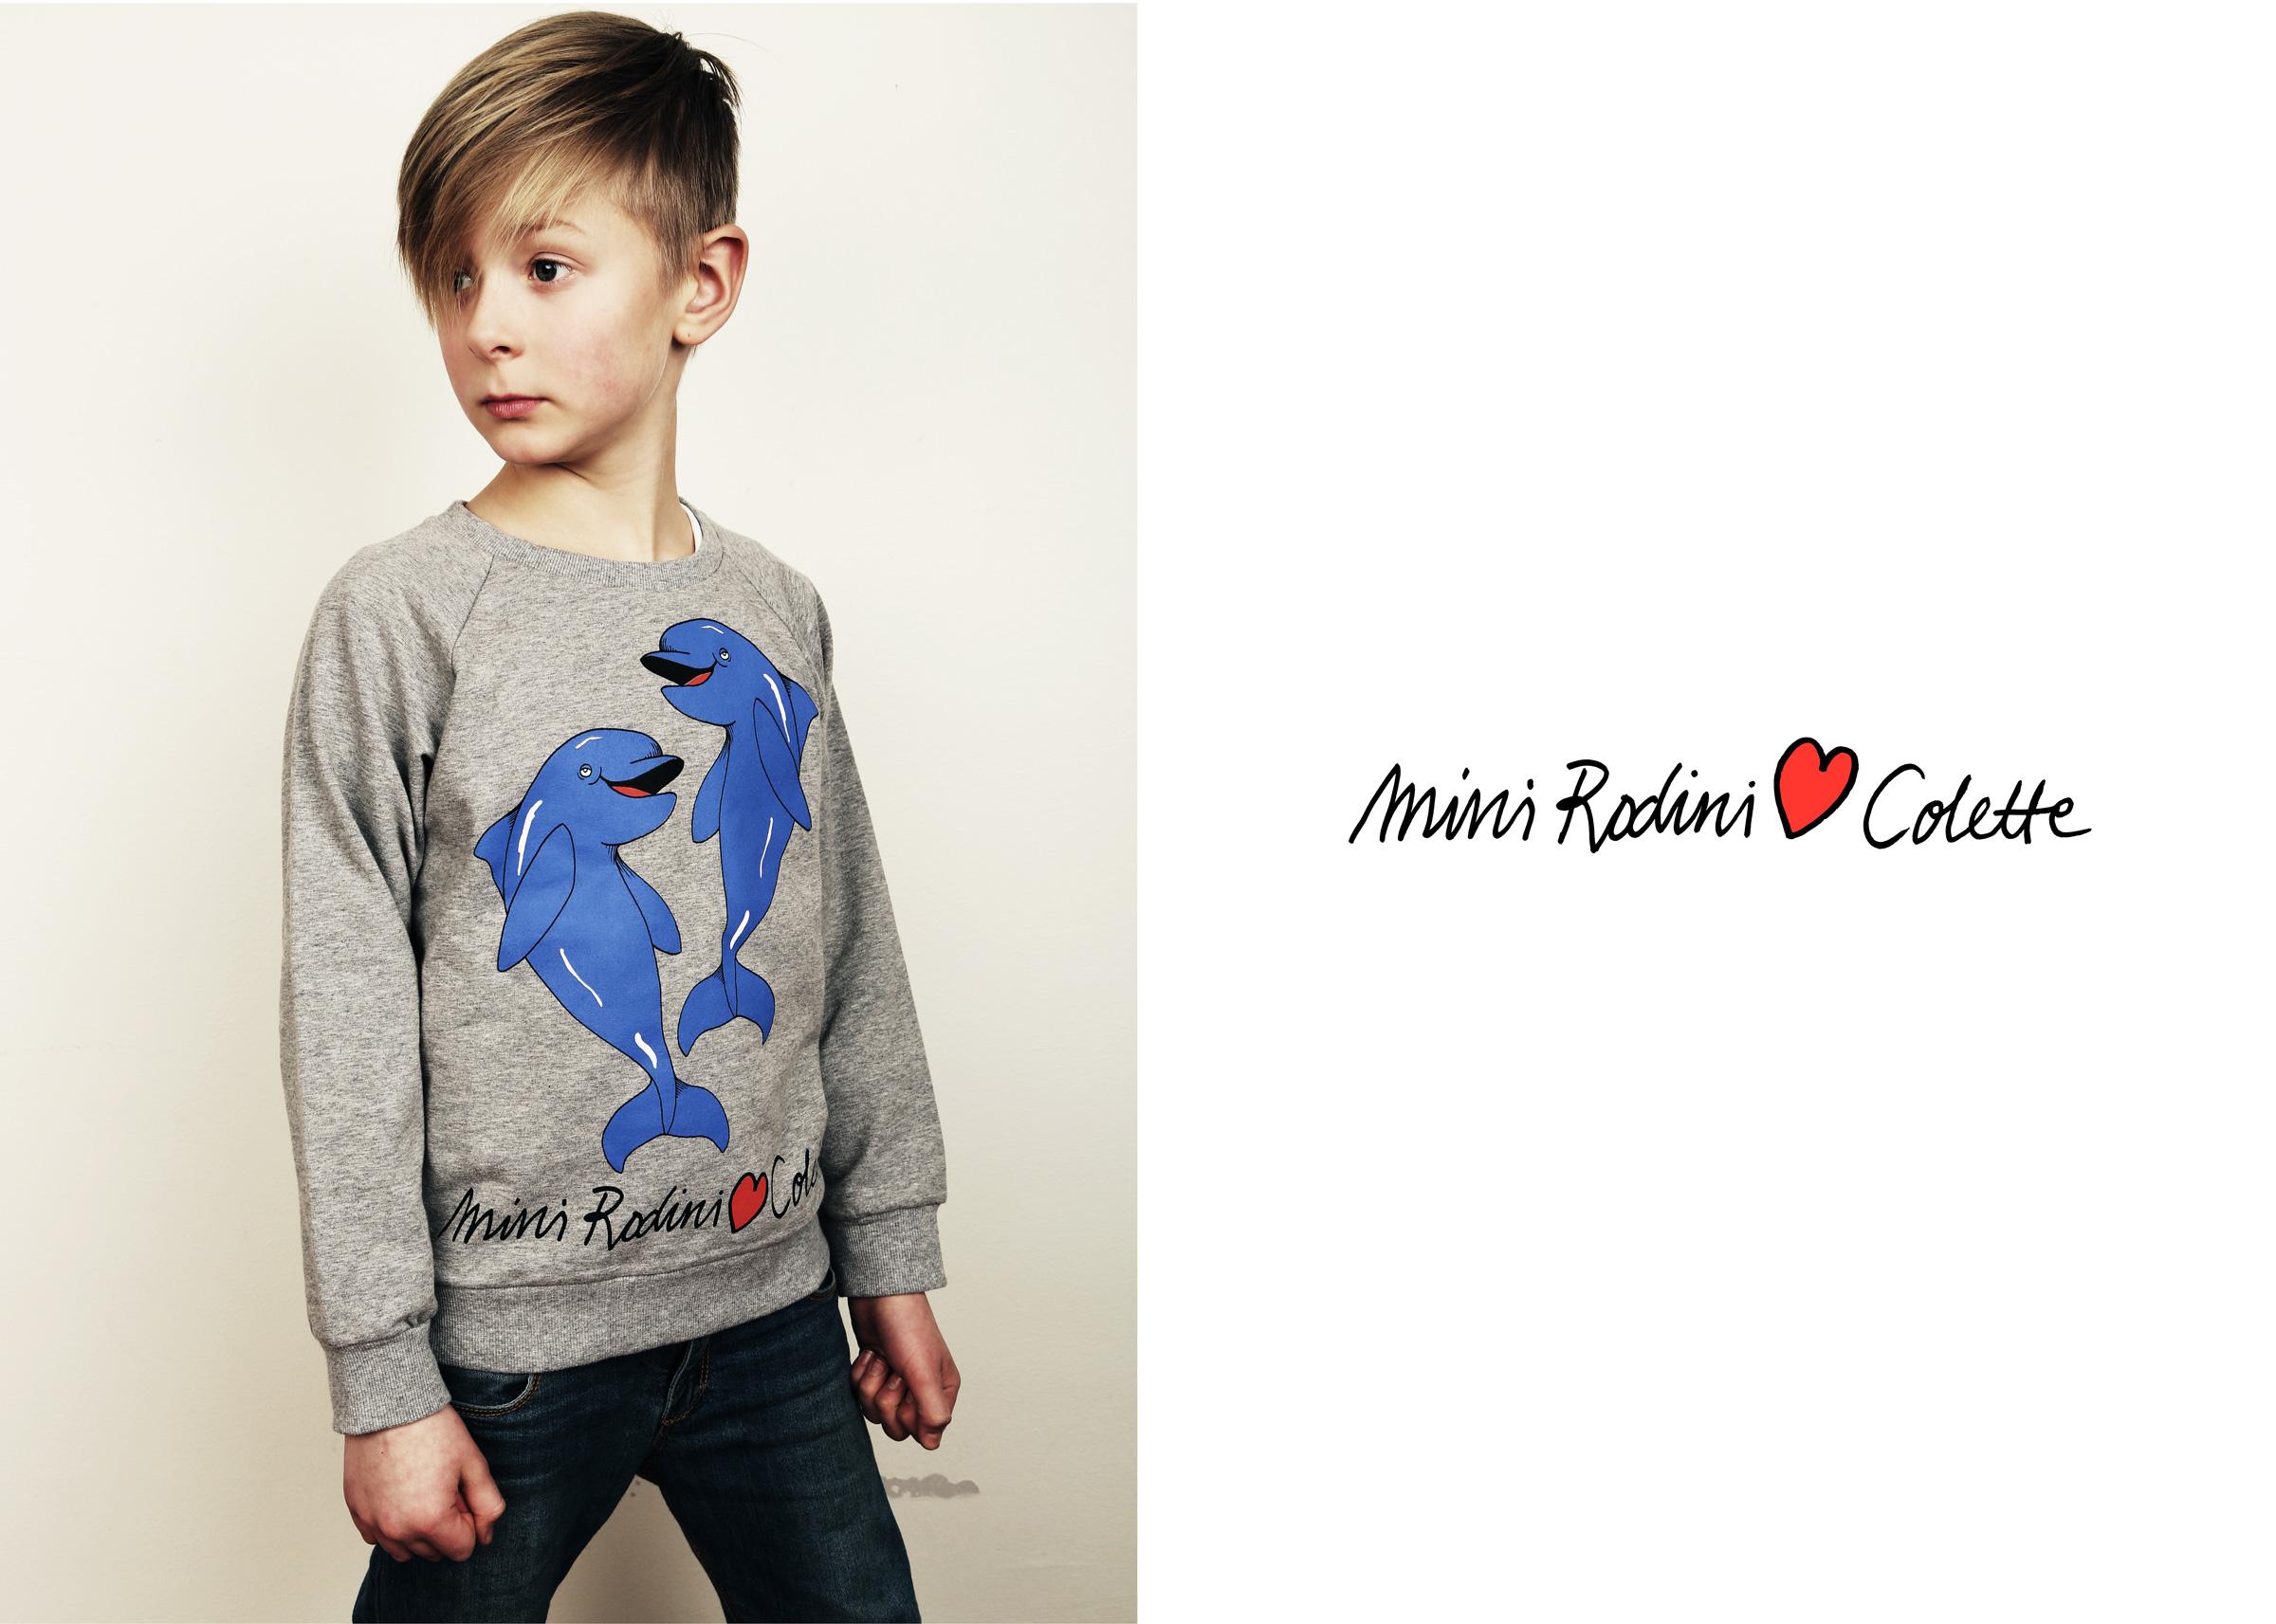 Mini Rodini + Colette